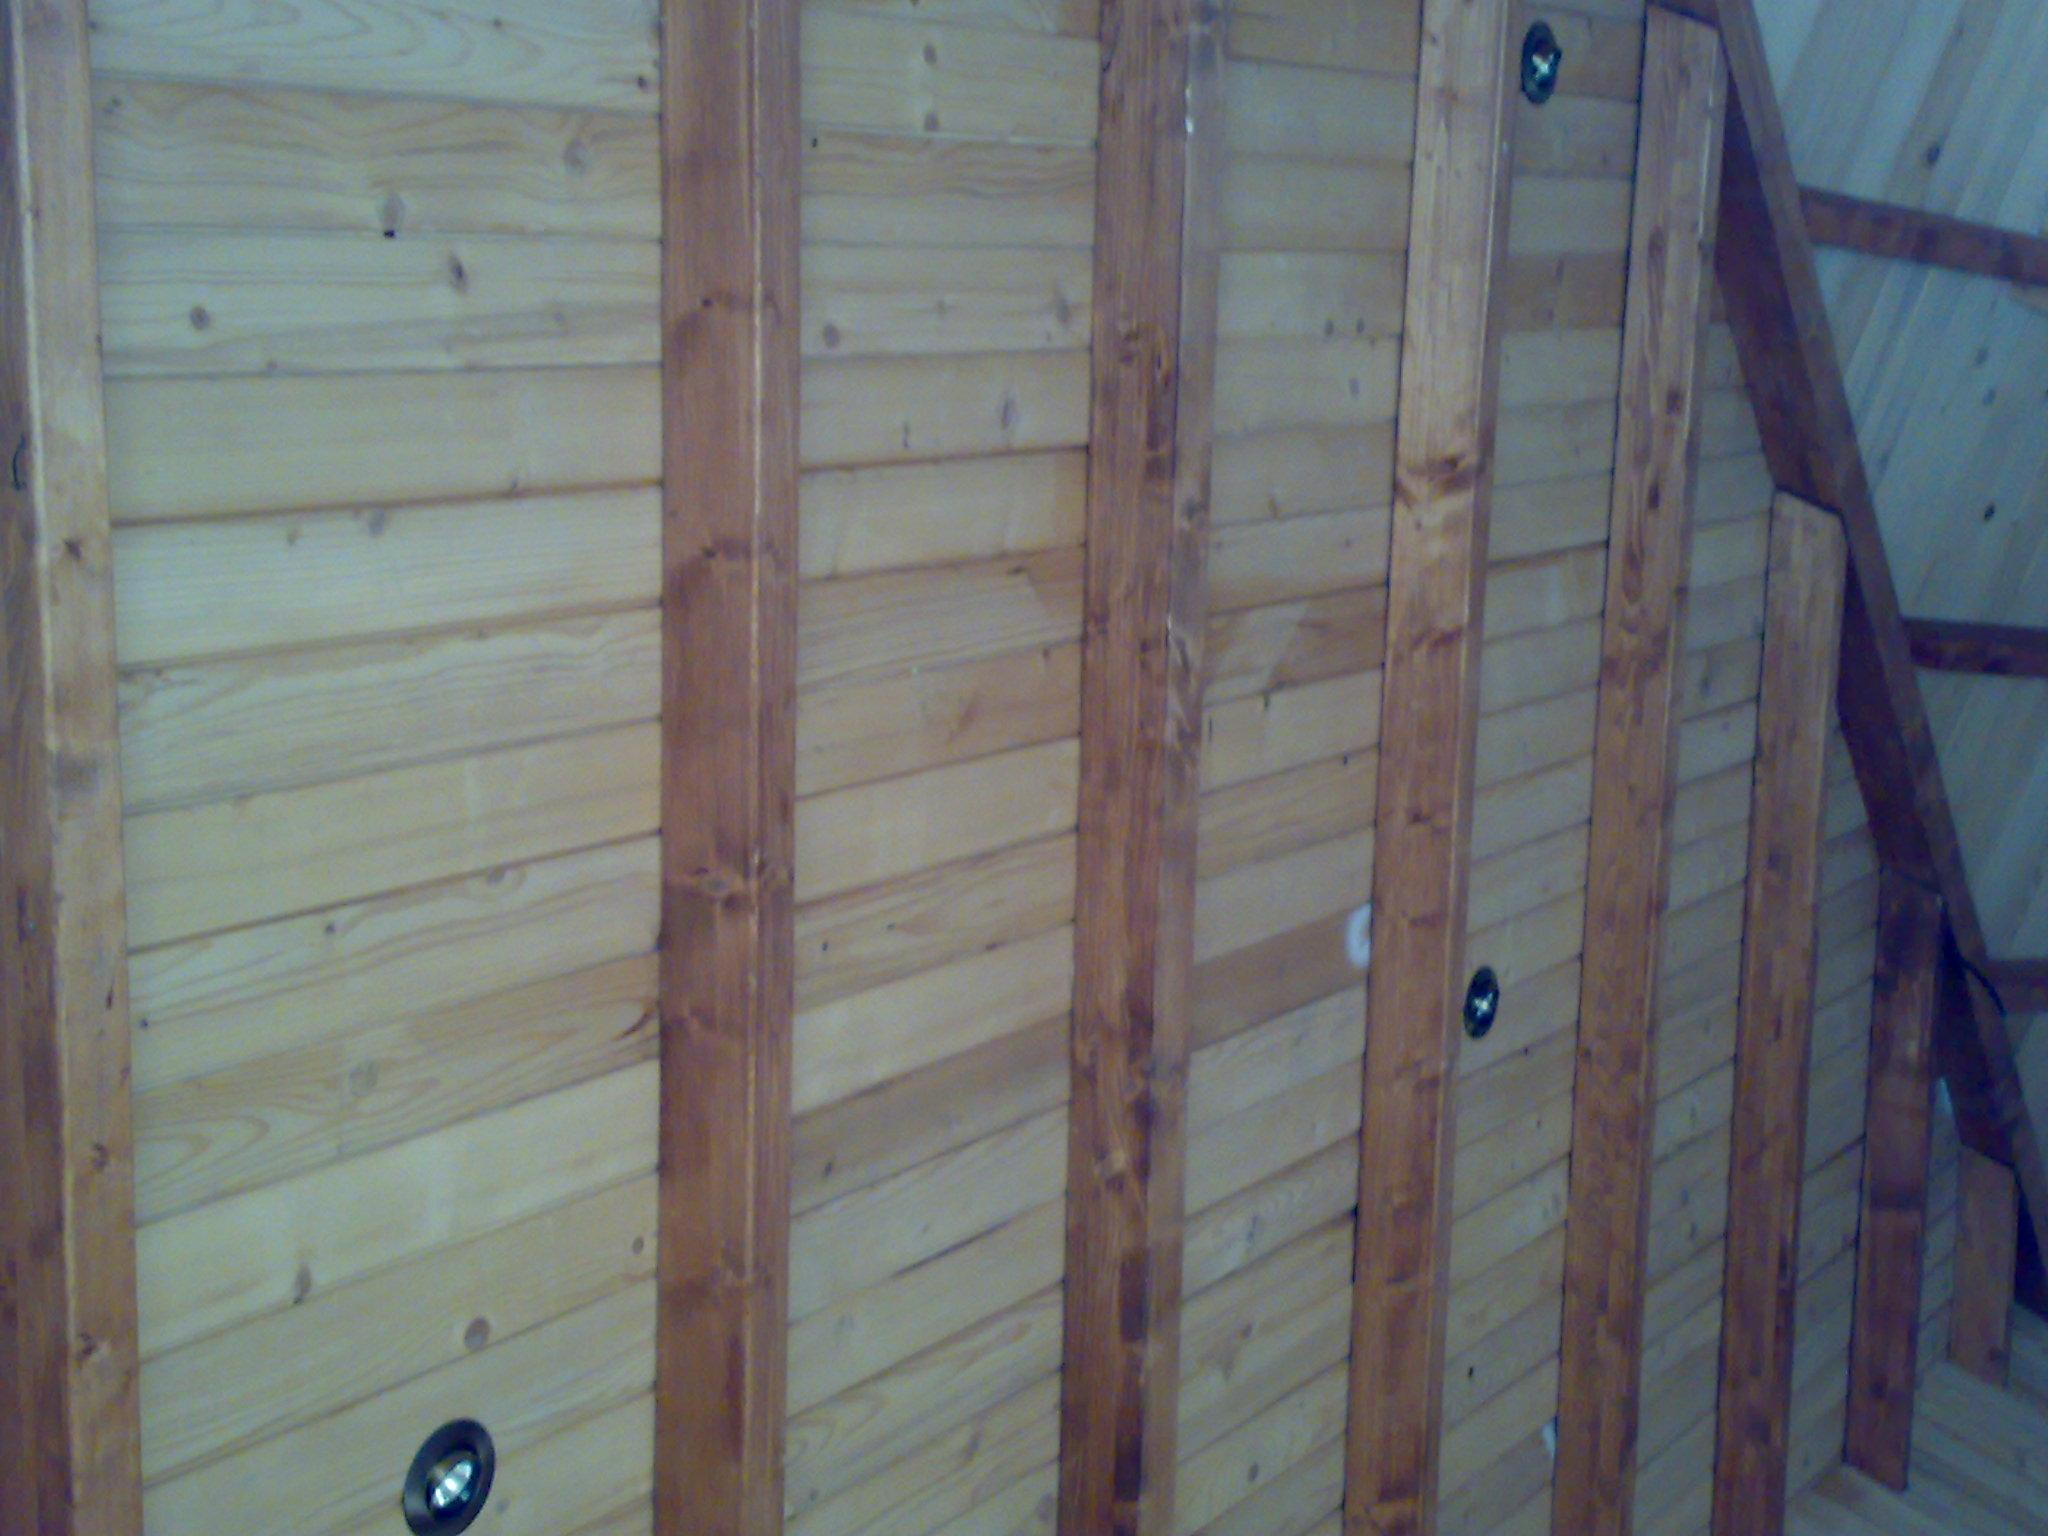 Casa de madera sevilla nueva a estrenar de 60 m2 con for Tejados de madera precio m2